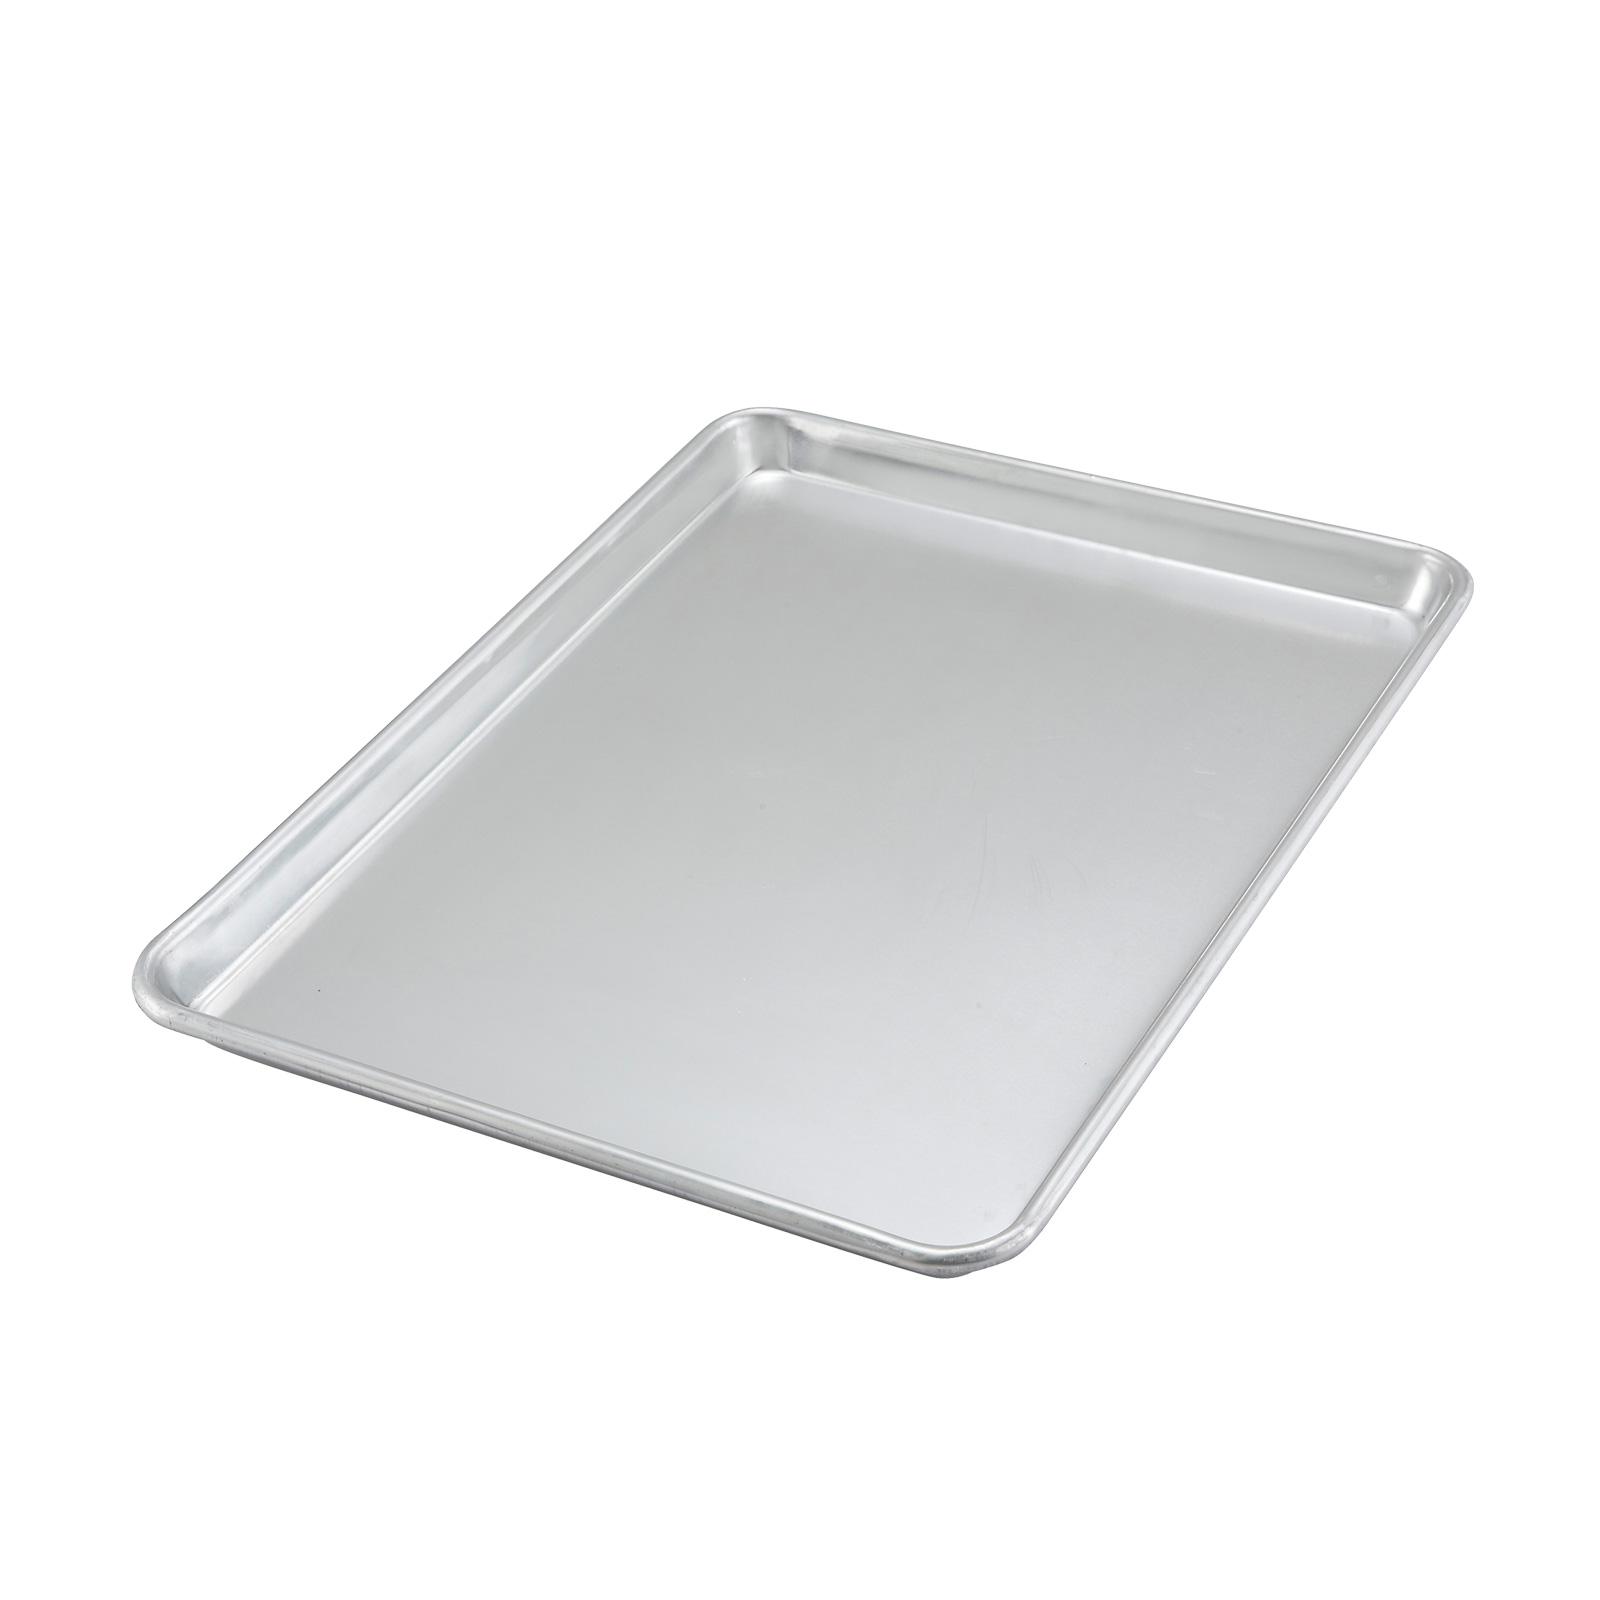 1/2 Size Sheet Pan, Winco ALXP-1318